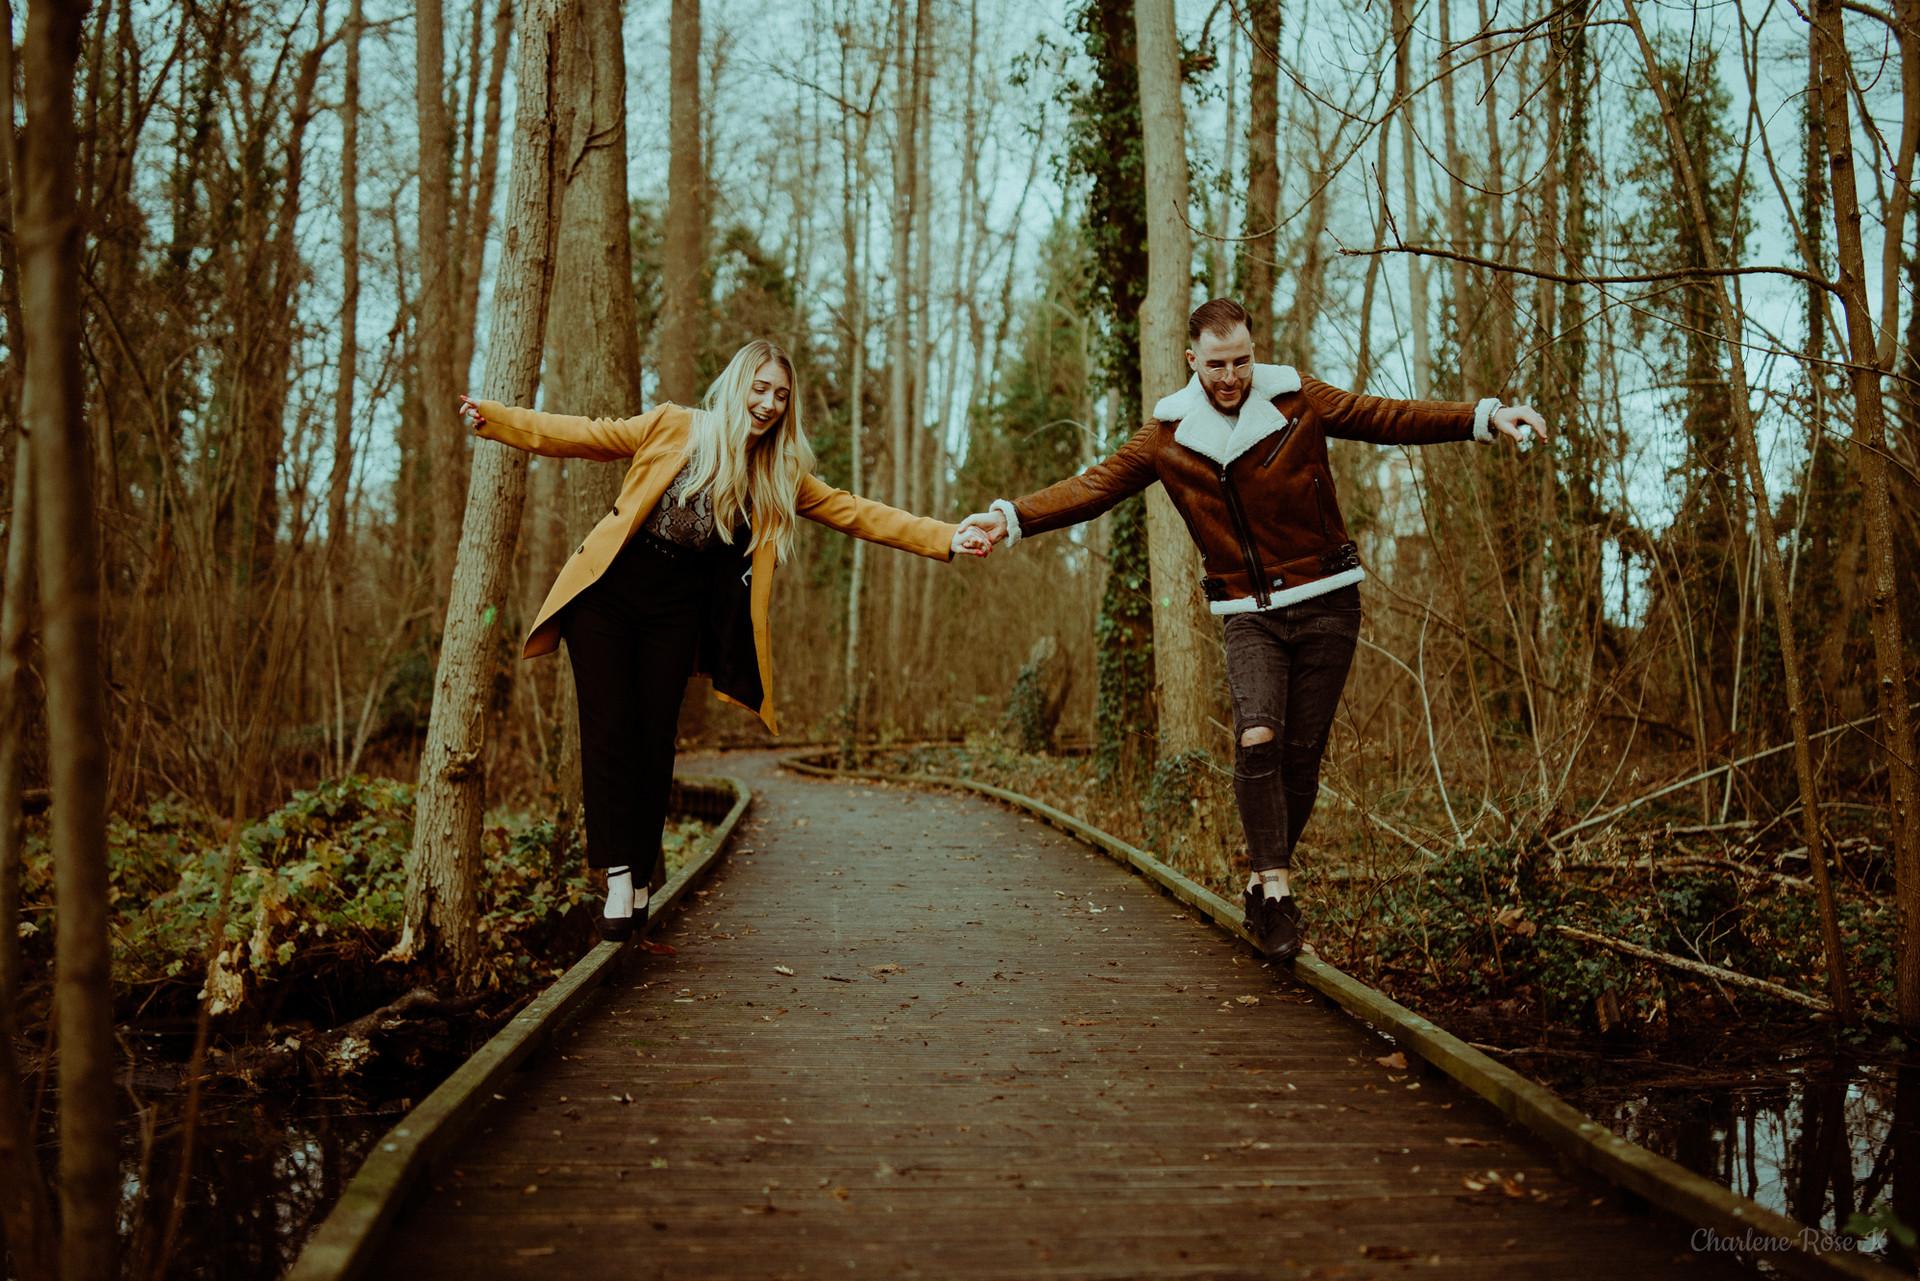 photographe-troyes-seance-photo-couple-mariage-aube-lyon-crk-41